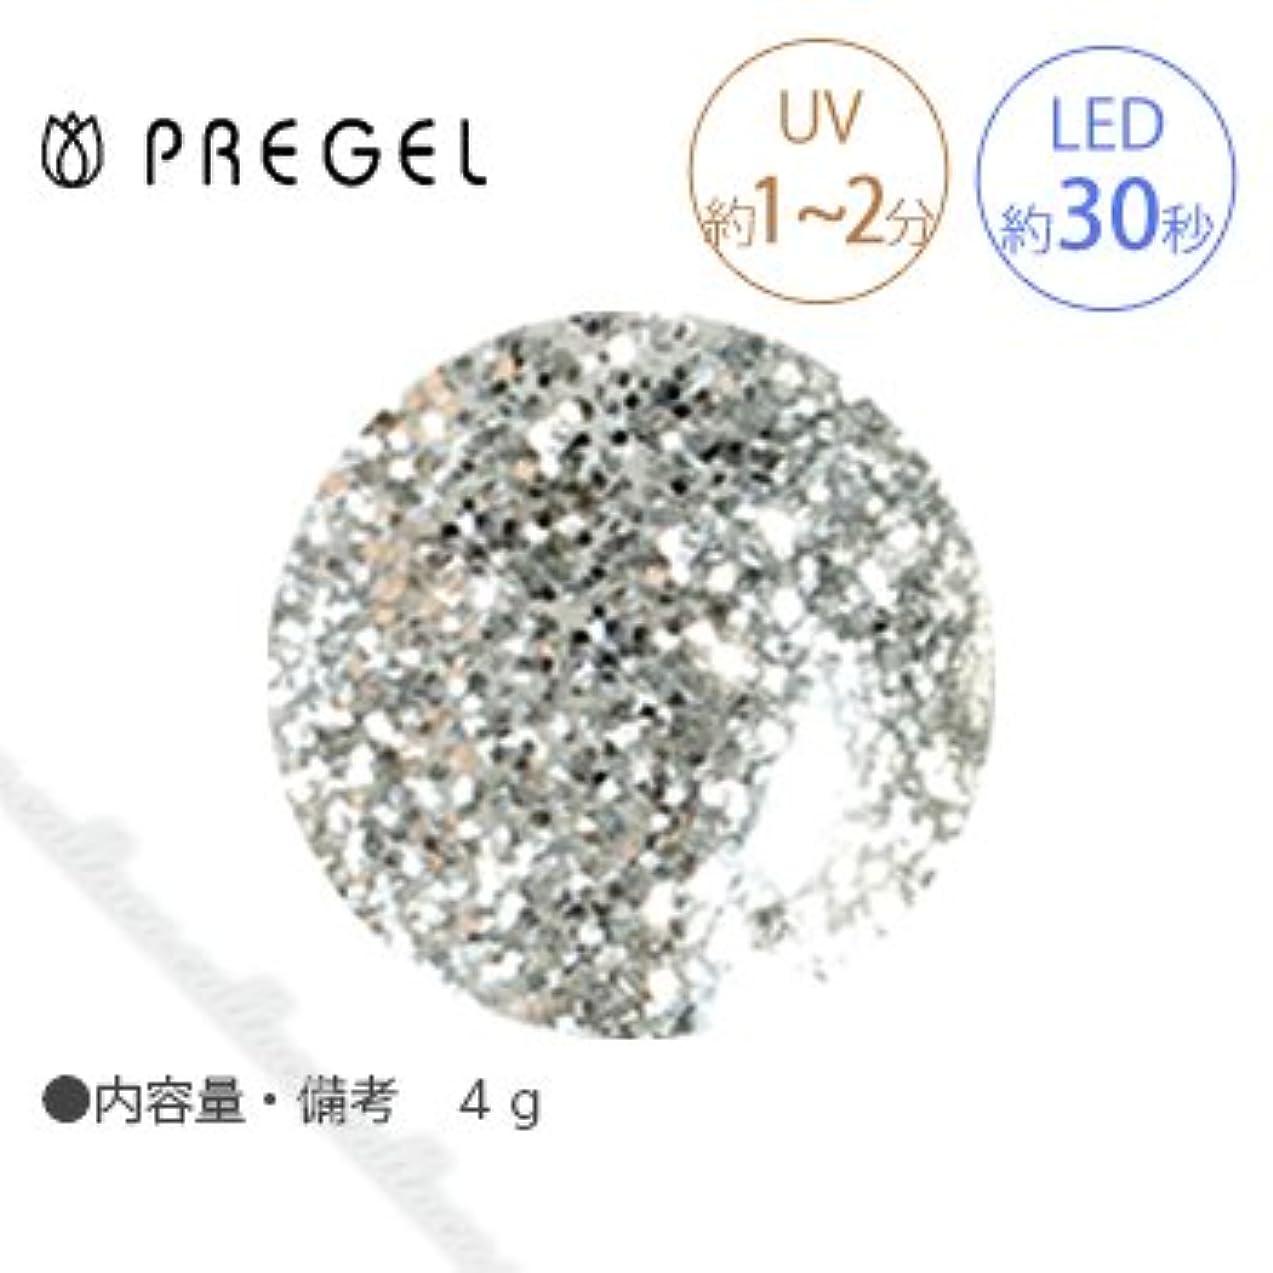 ヒップアプローチマーガレットミッチェル【PREGEL】 プリジェル カラーEX ダイヤモンドシリーズ ダイヤモンドシルバー PG-CE400 4g